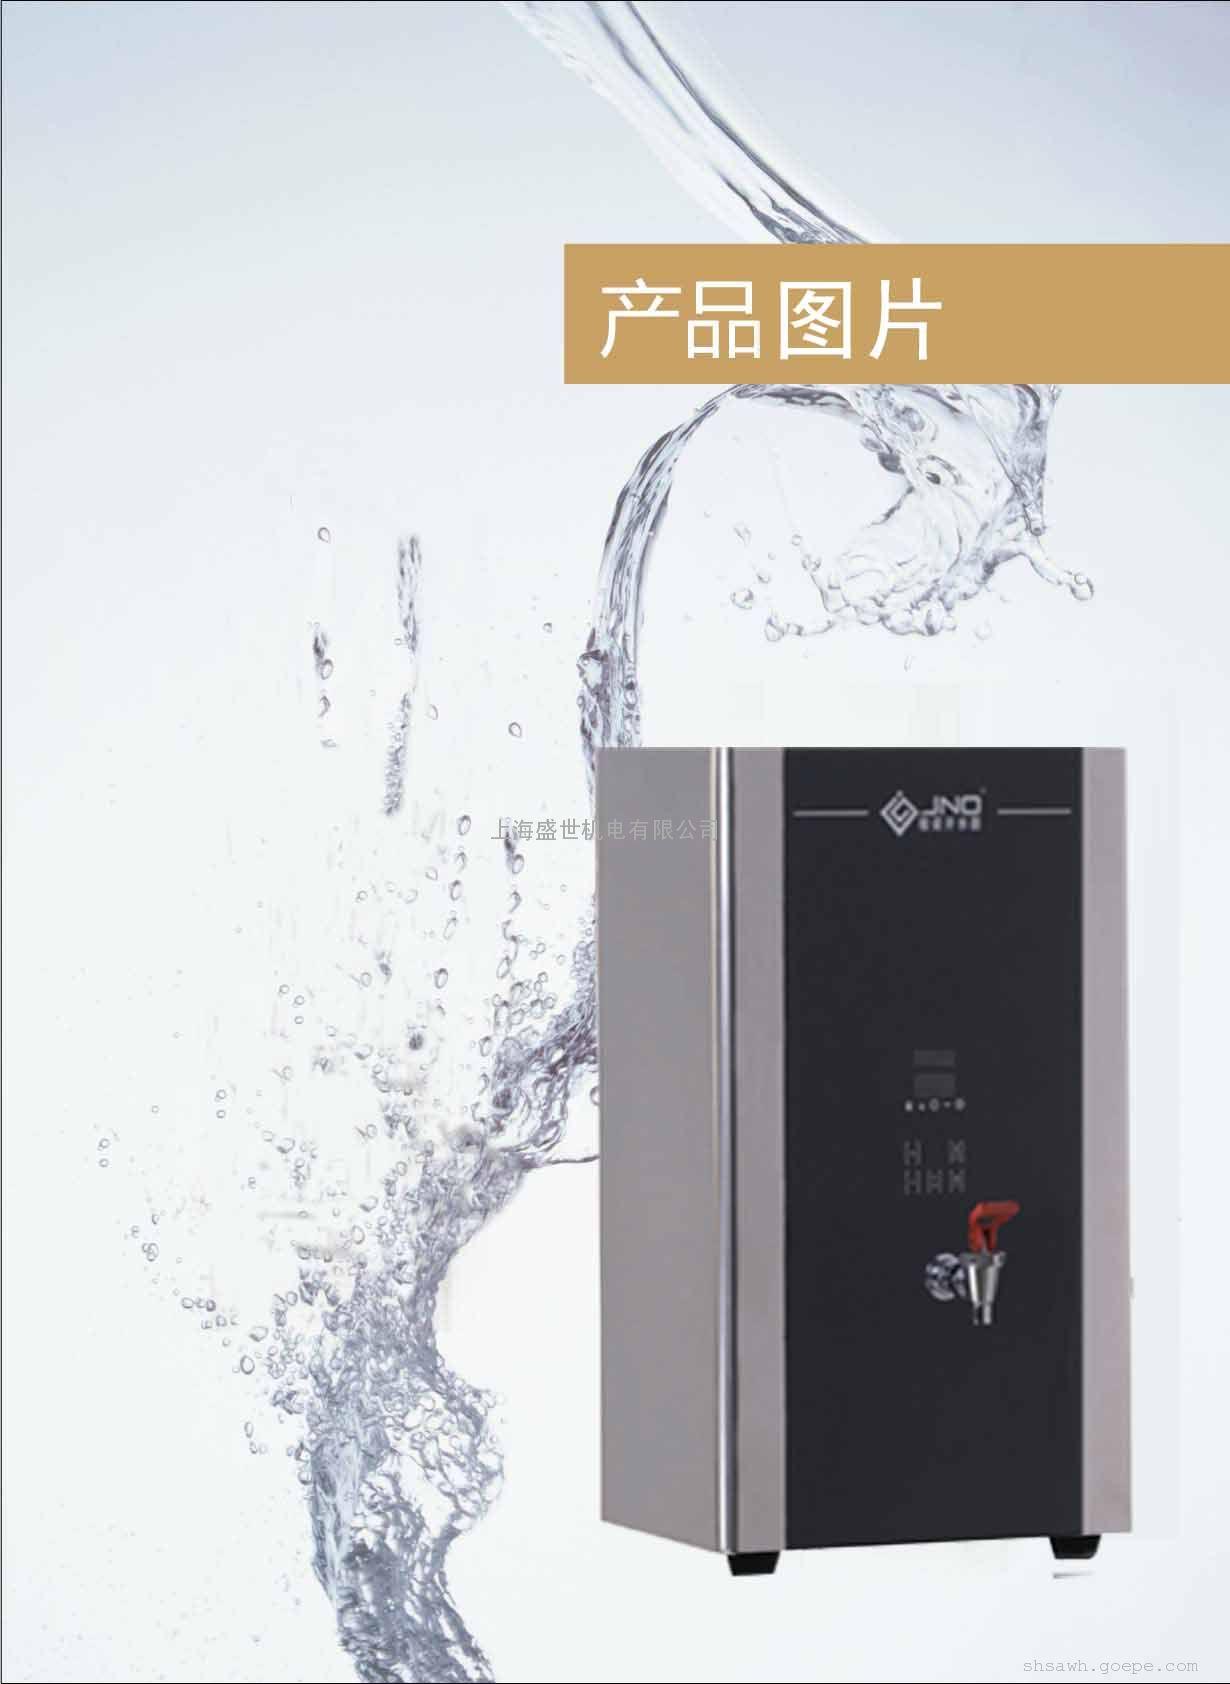 豪华型电开水器|可设置工作时间|全电脑板控制系统30型